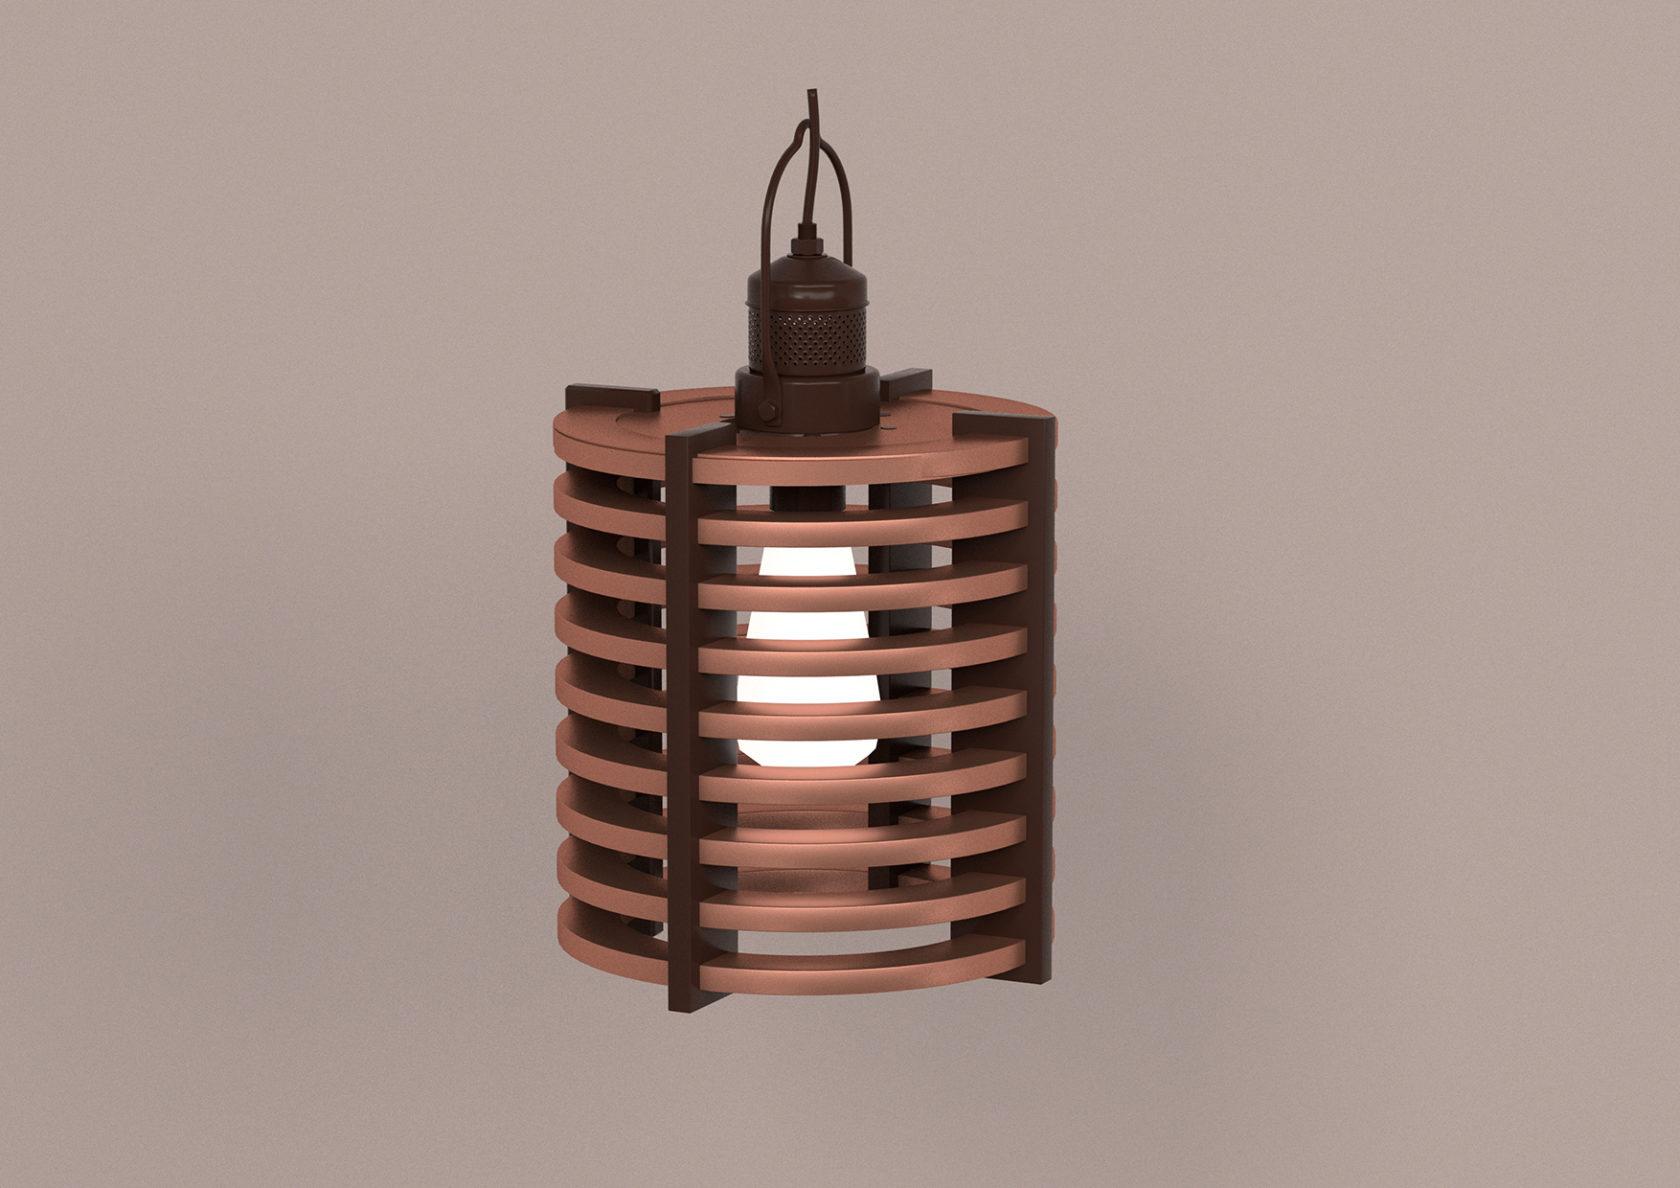 Murad-design-studio-designagentur-murad-ghanaimy-design-werbung-kreativ-produktdesign-herstellen-kupfer